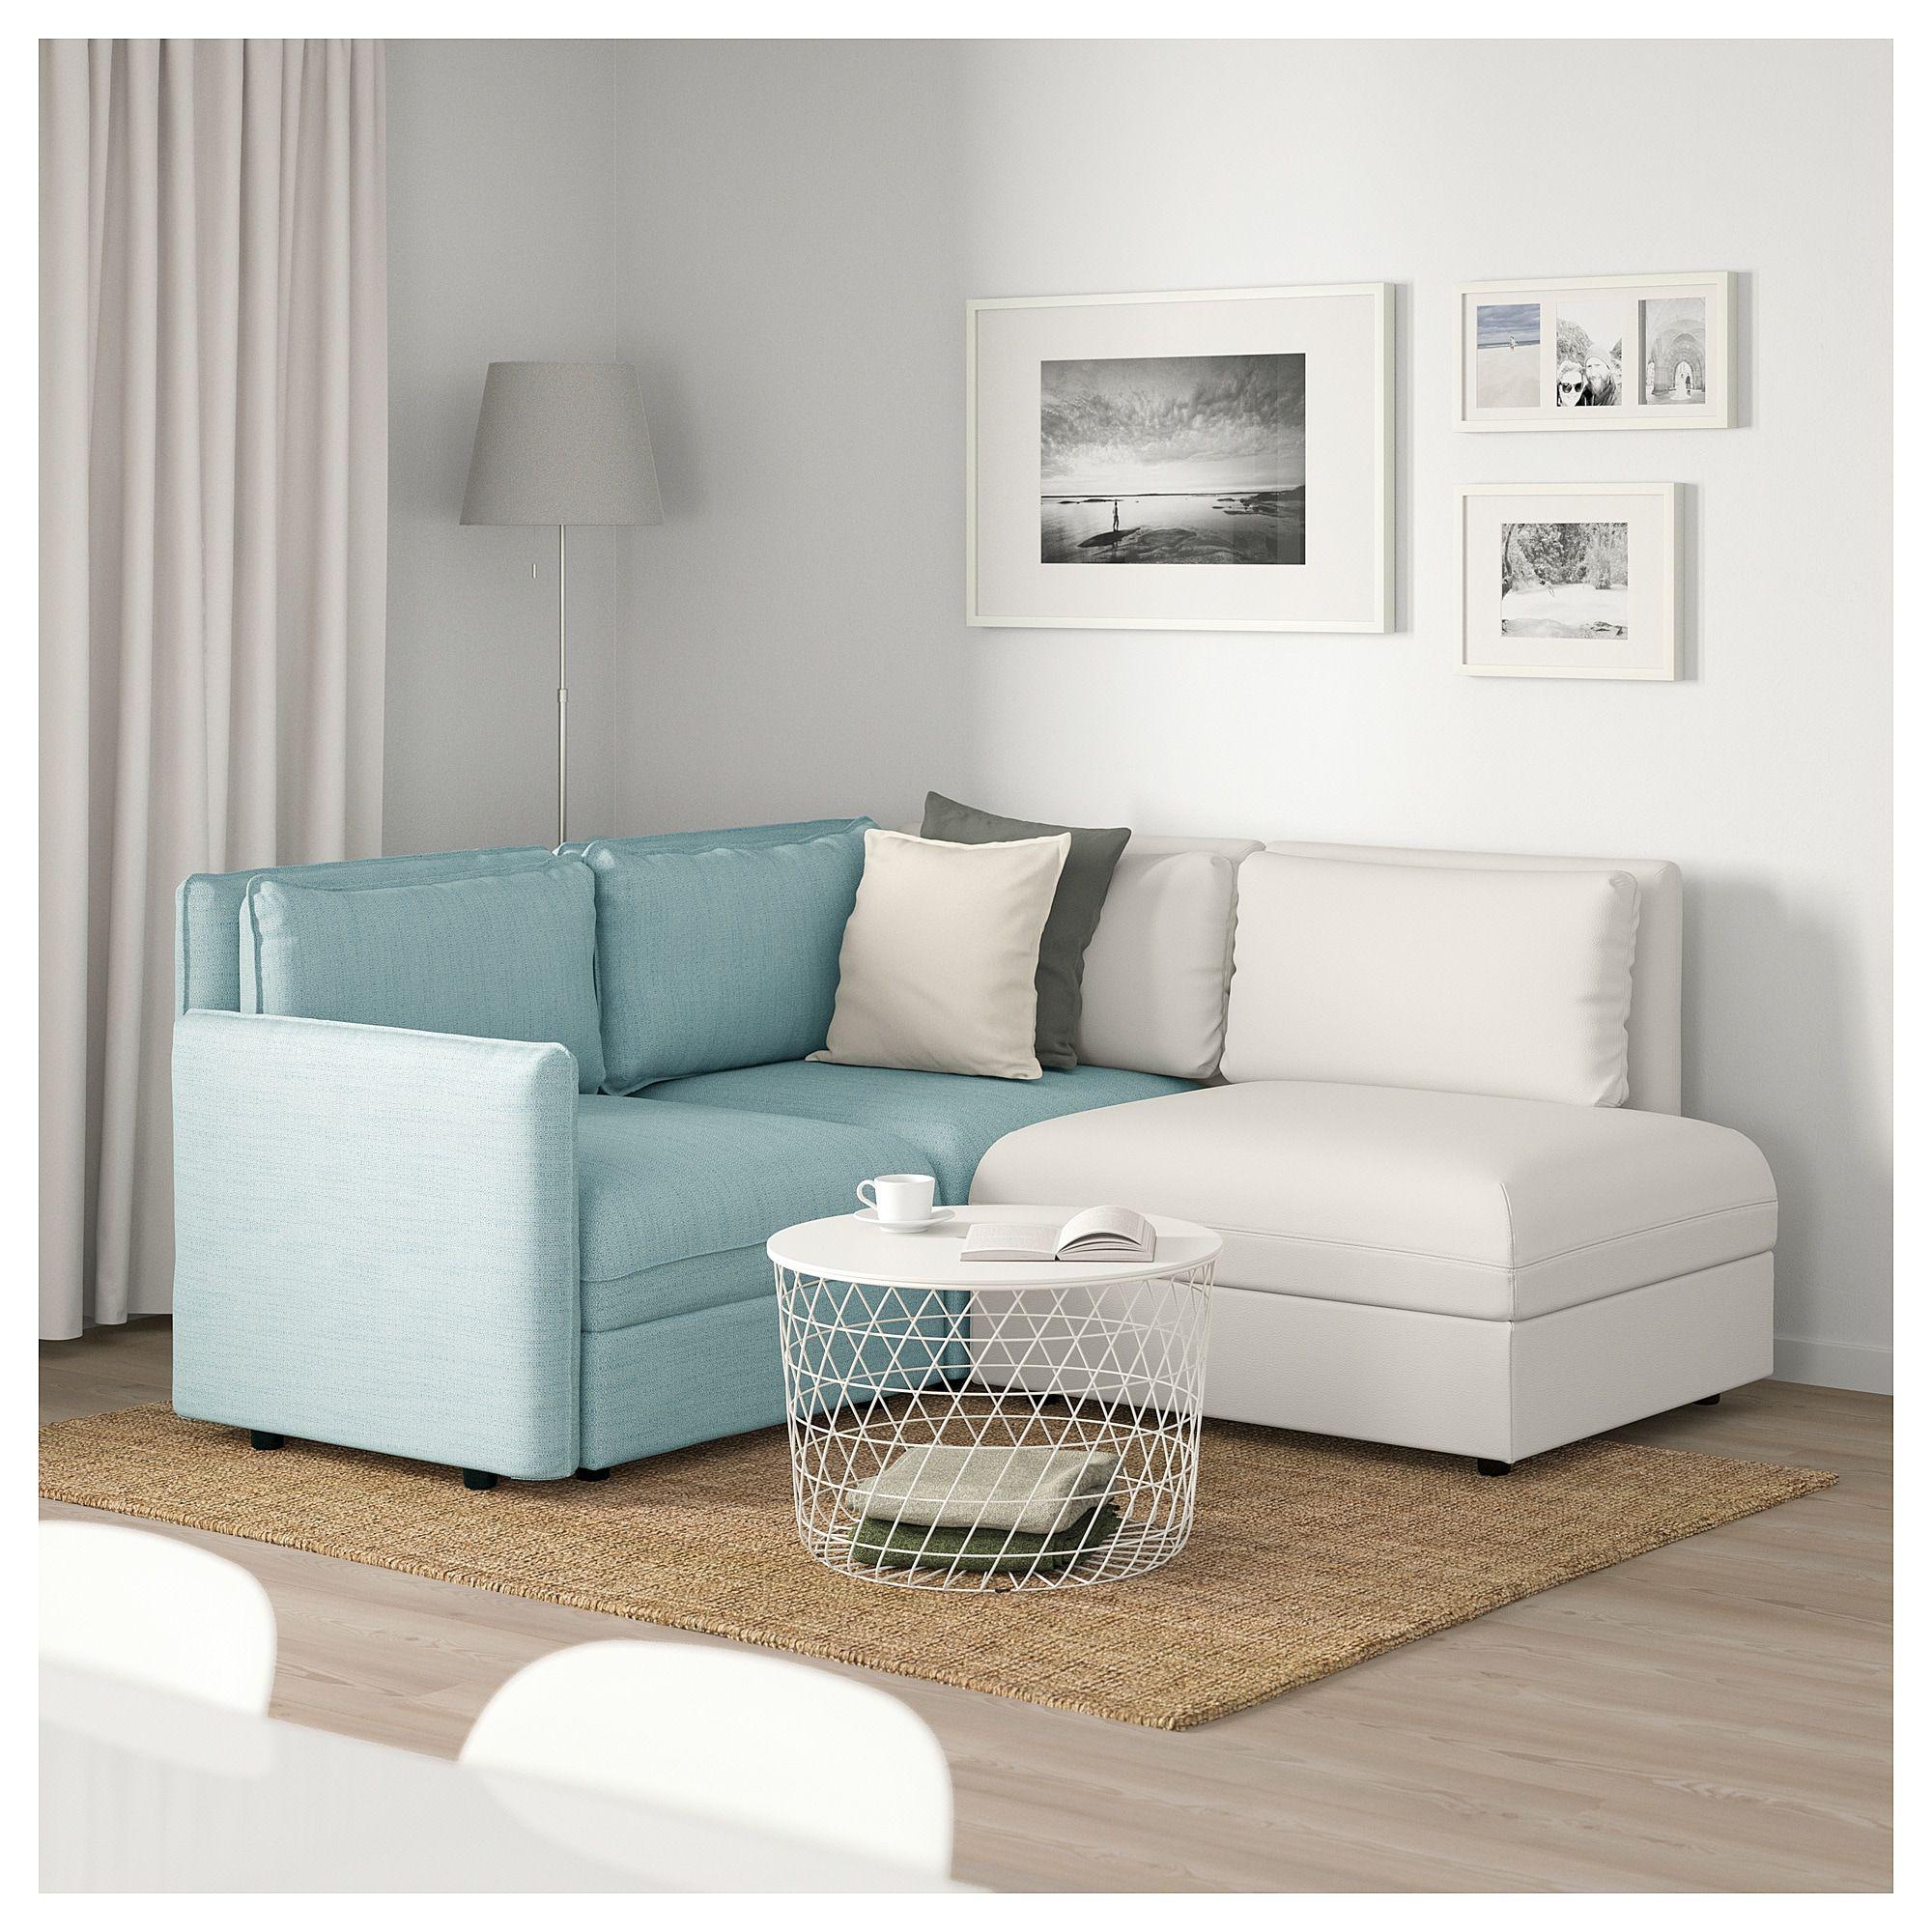 Vallentuna Sectional 3 Seat With Storage Hillared Murum Light